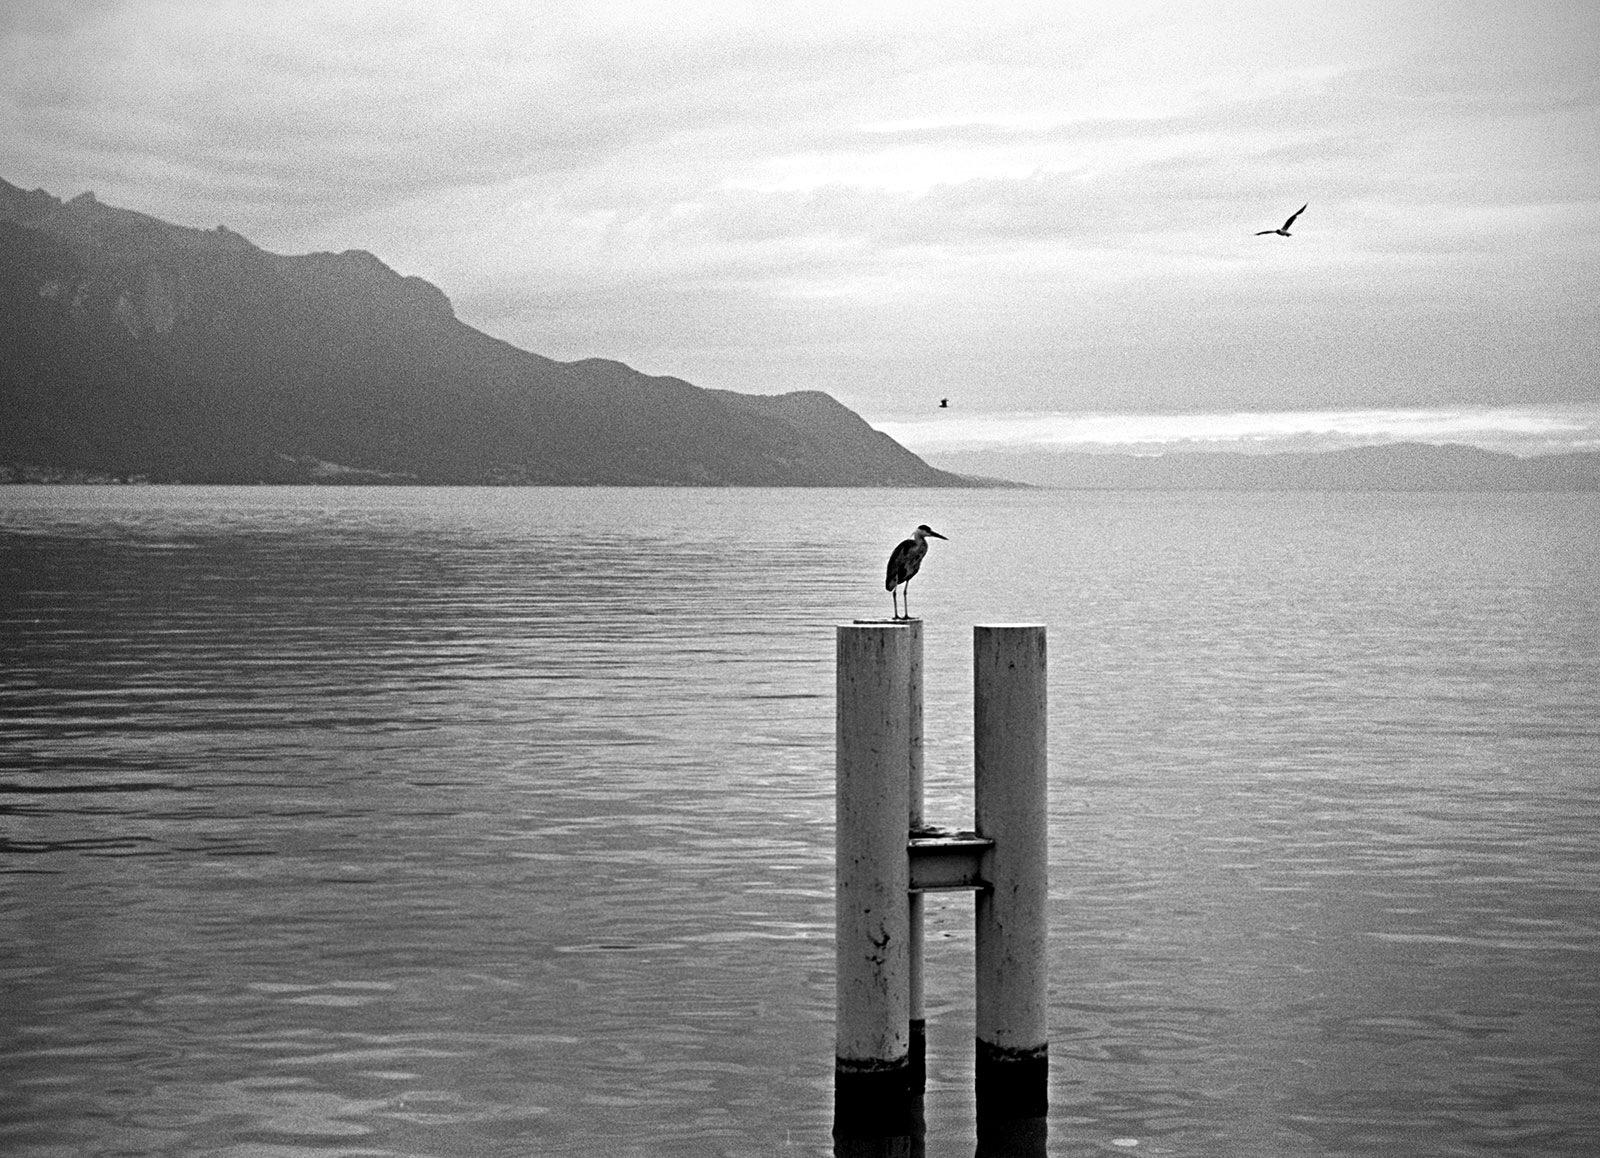 Heron by Marek Fogiel